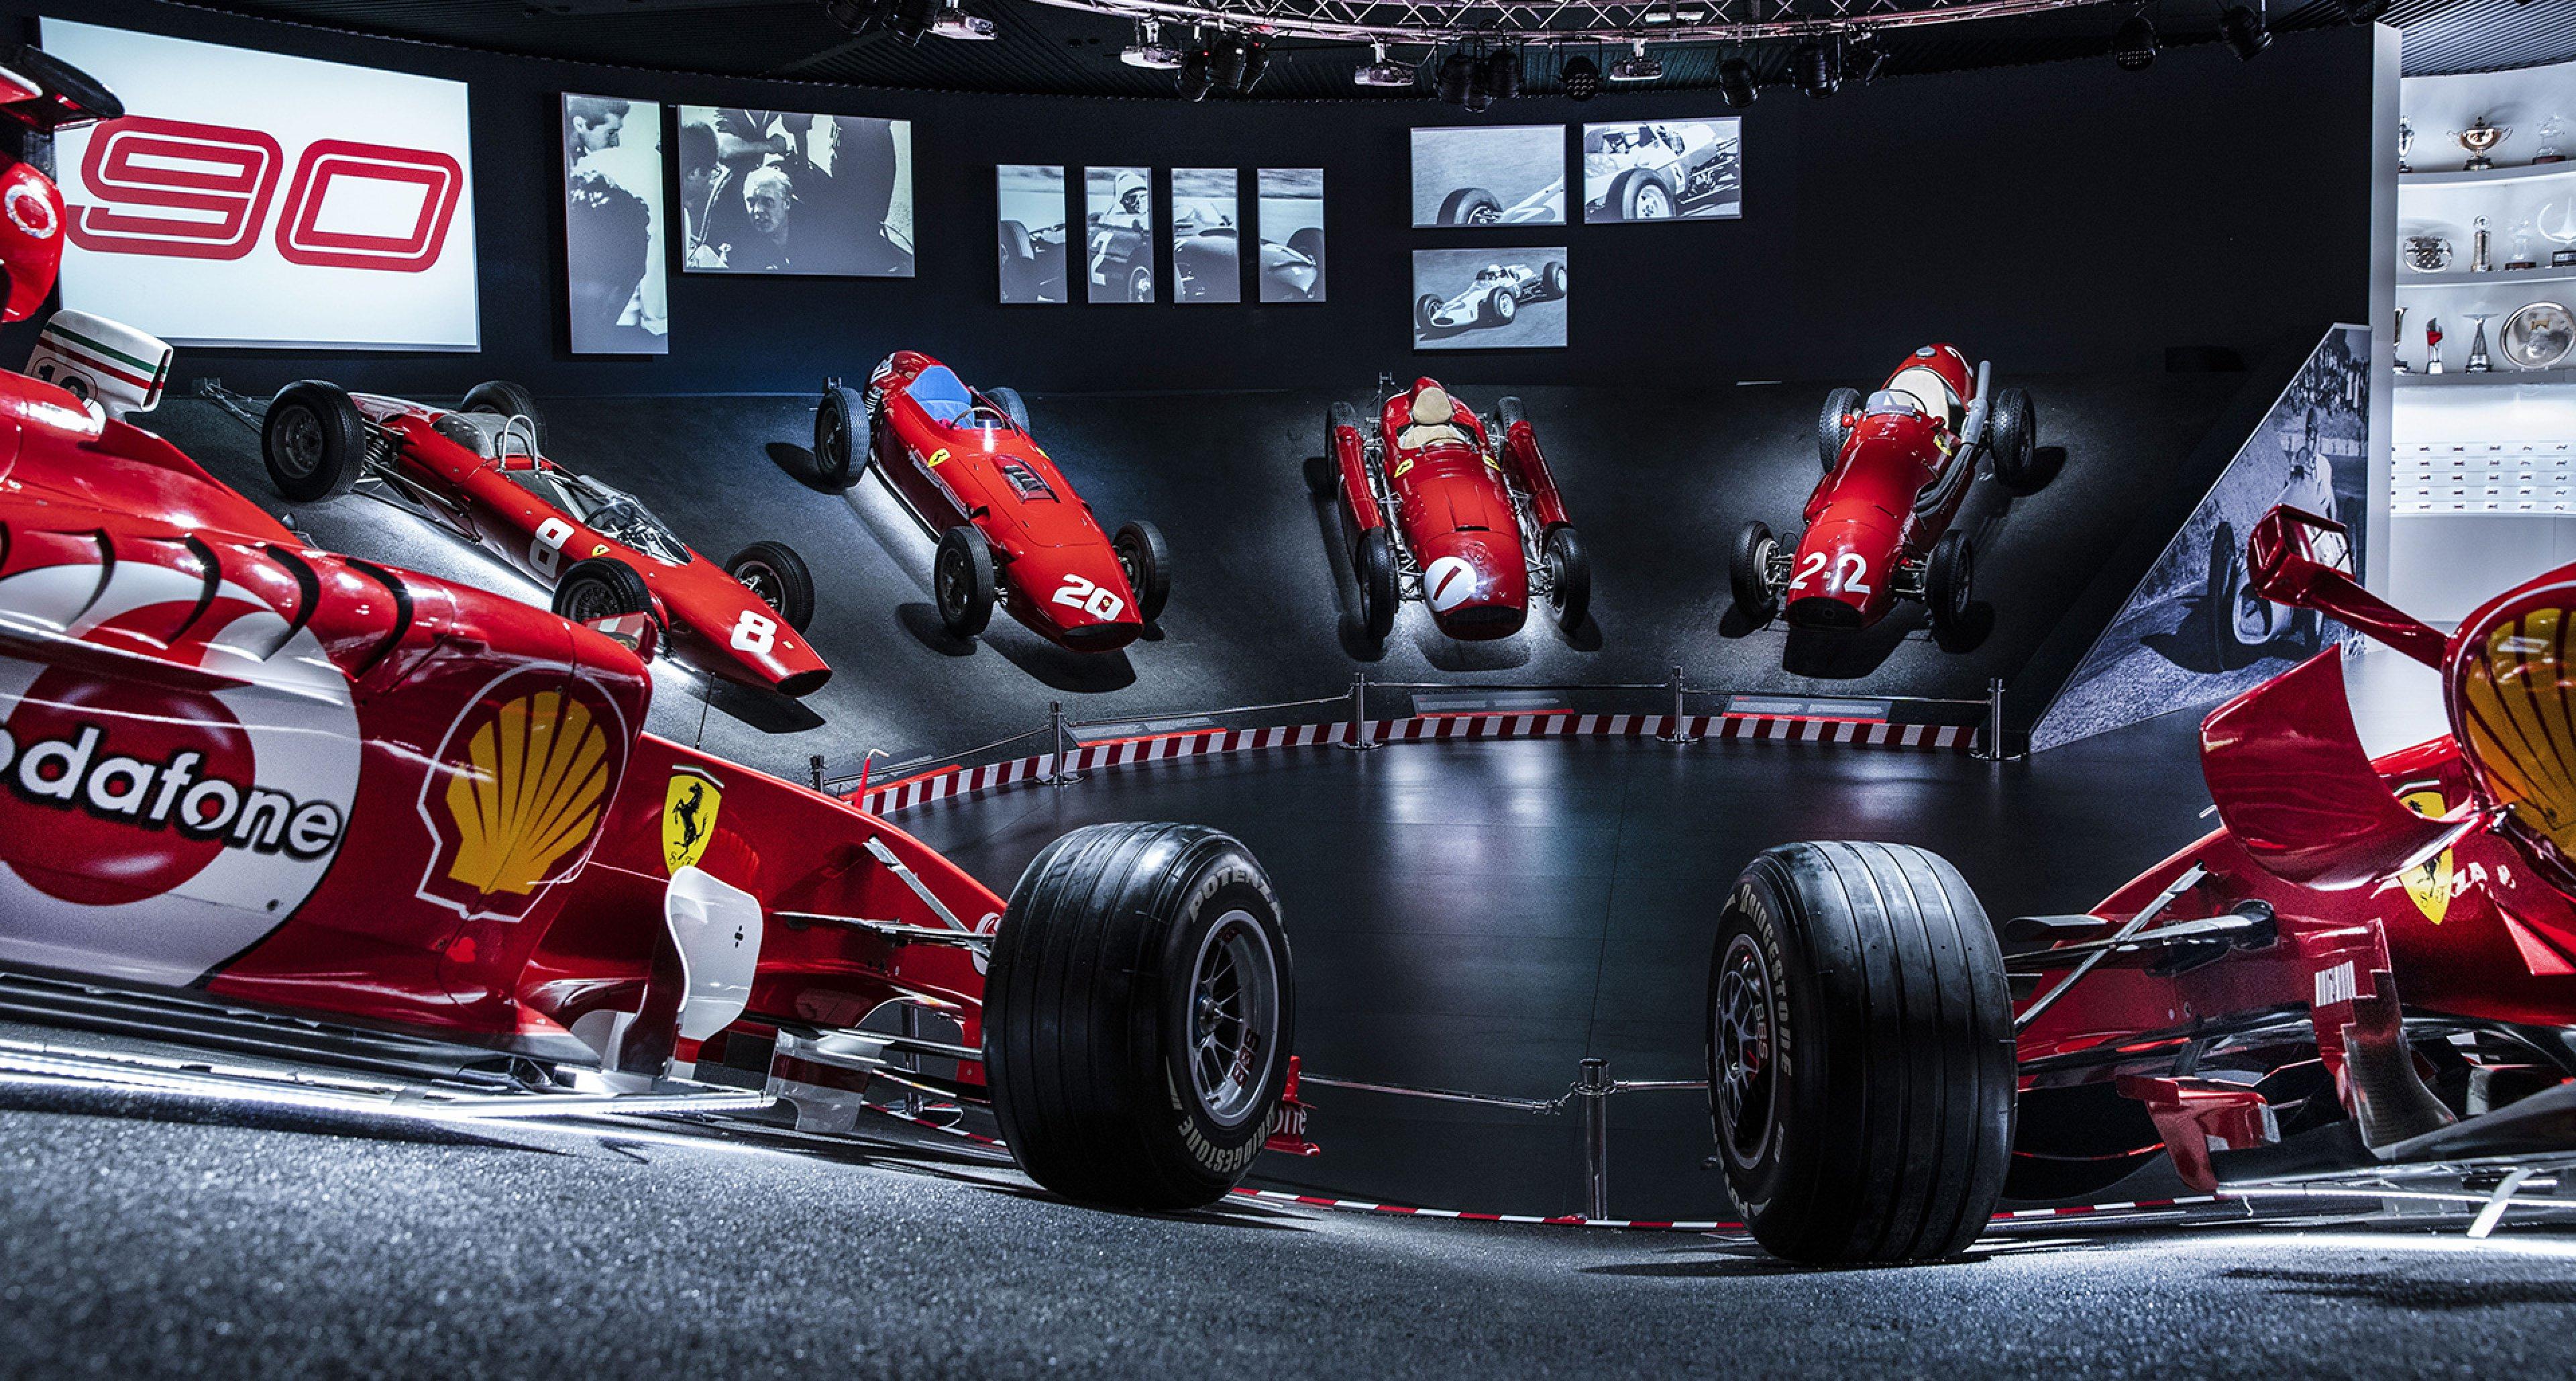 Diese Große Ausstellung Zu 90 Jahre Scuderia Ferrari Darf Man Nicht Verpassen Classic Driver Magazine